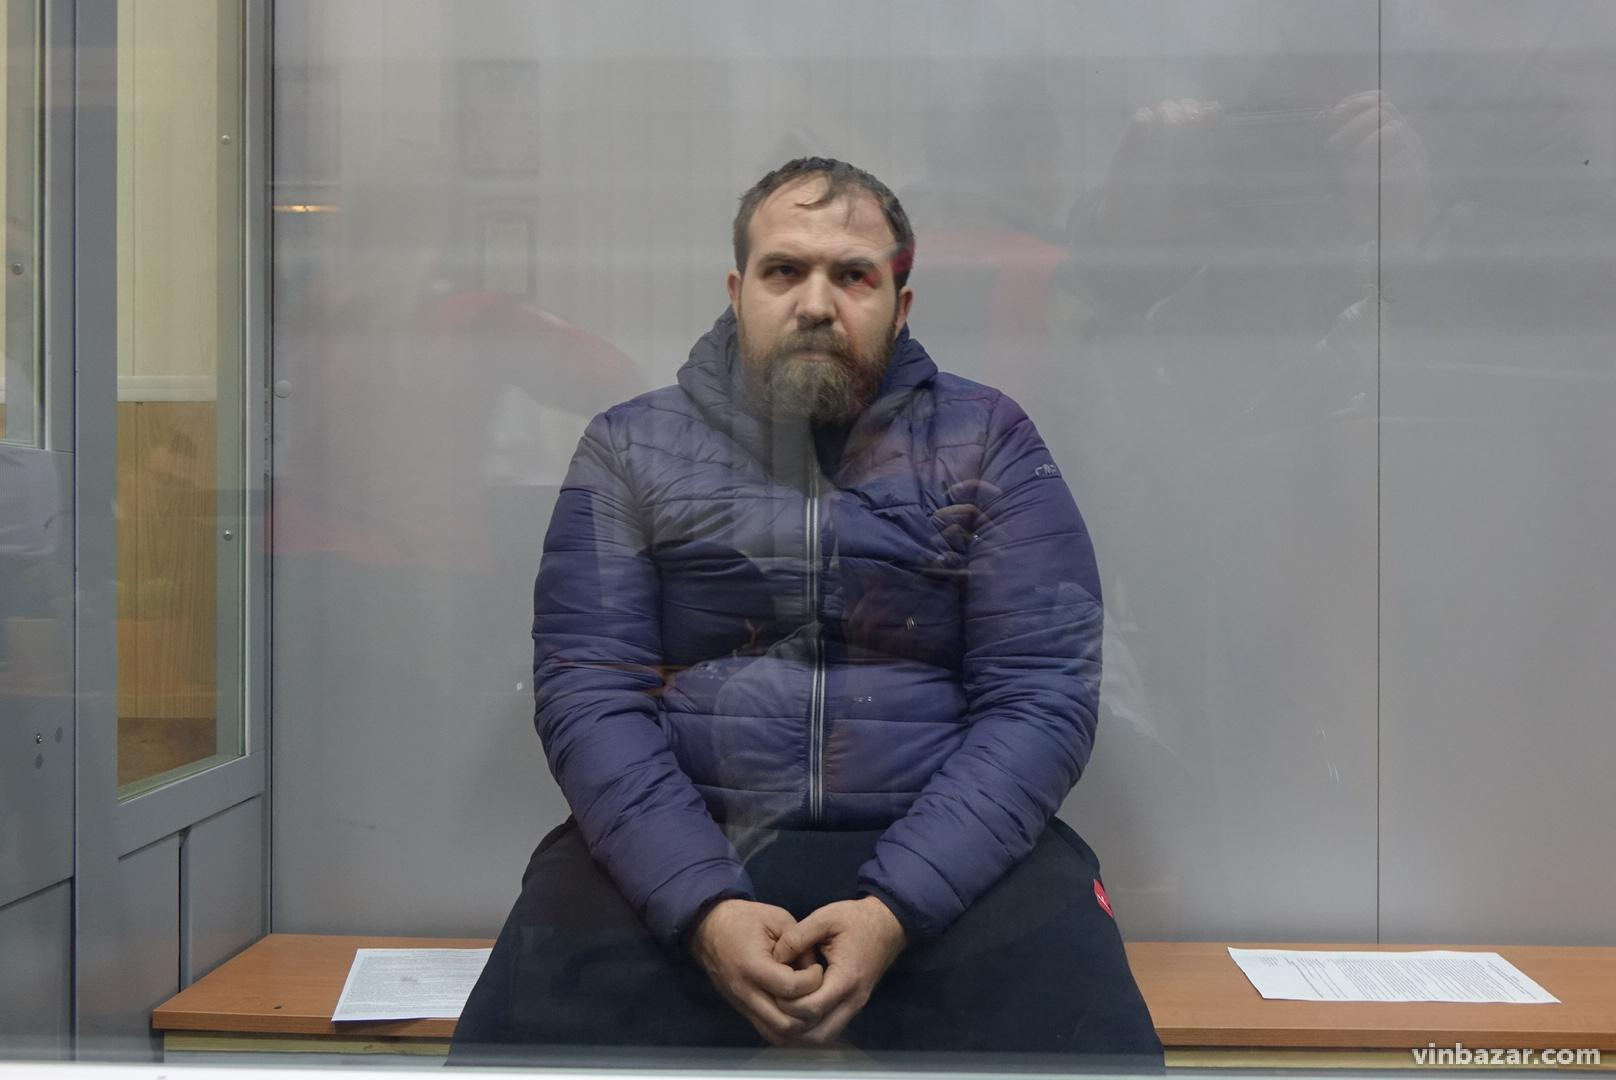 У Вінниці чоловіку, якого звинувачують у вбивстві сім'ї з 4 людей, обирають запобіжний захід (Оновлюється)